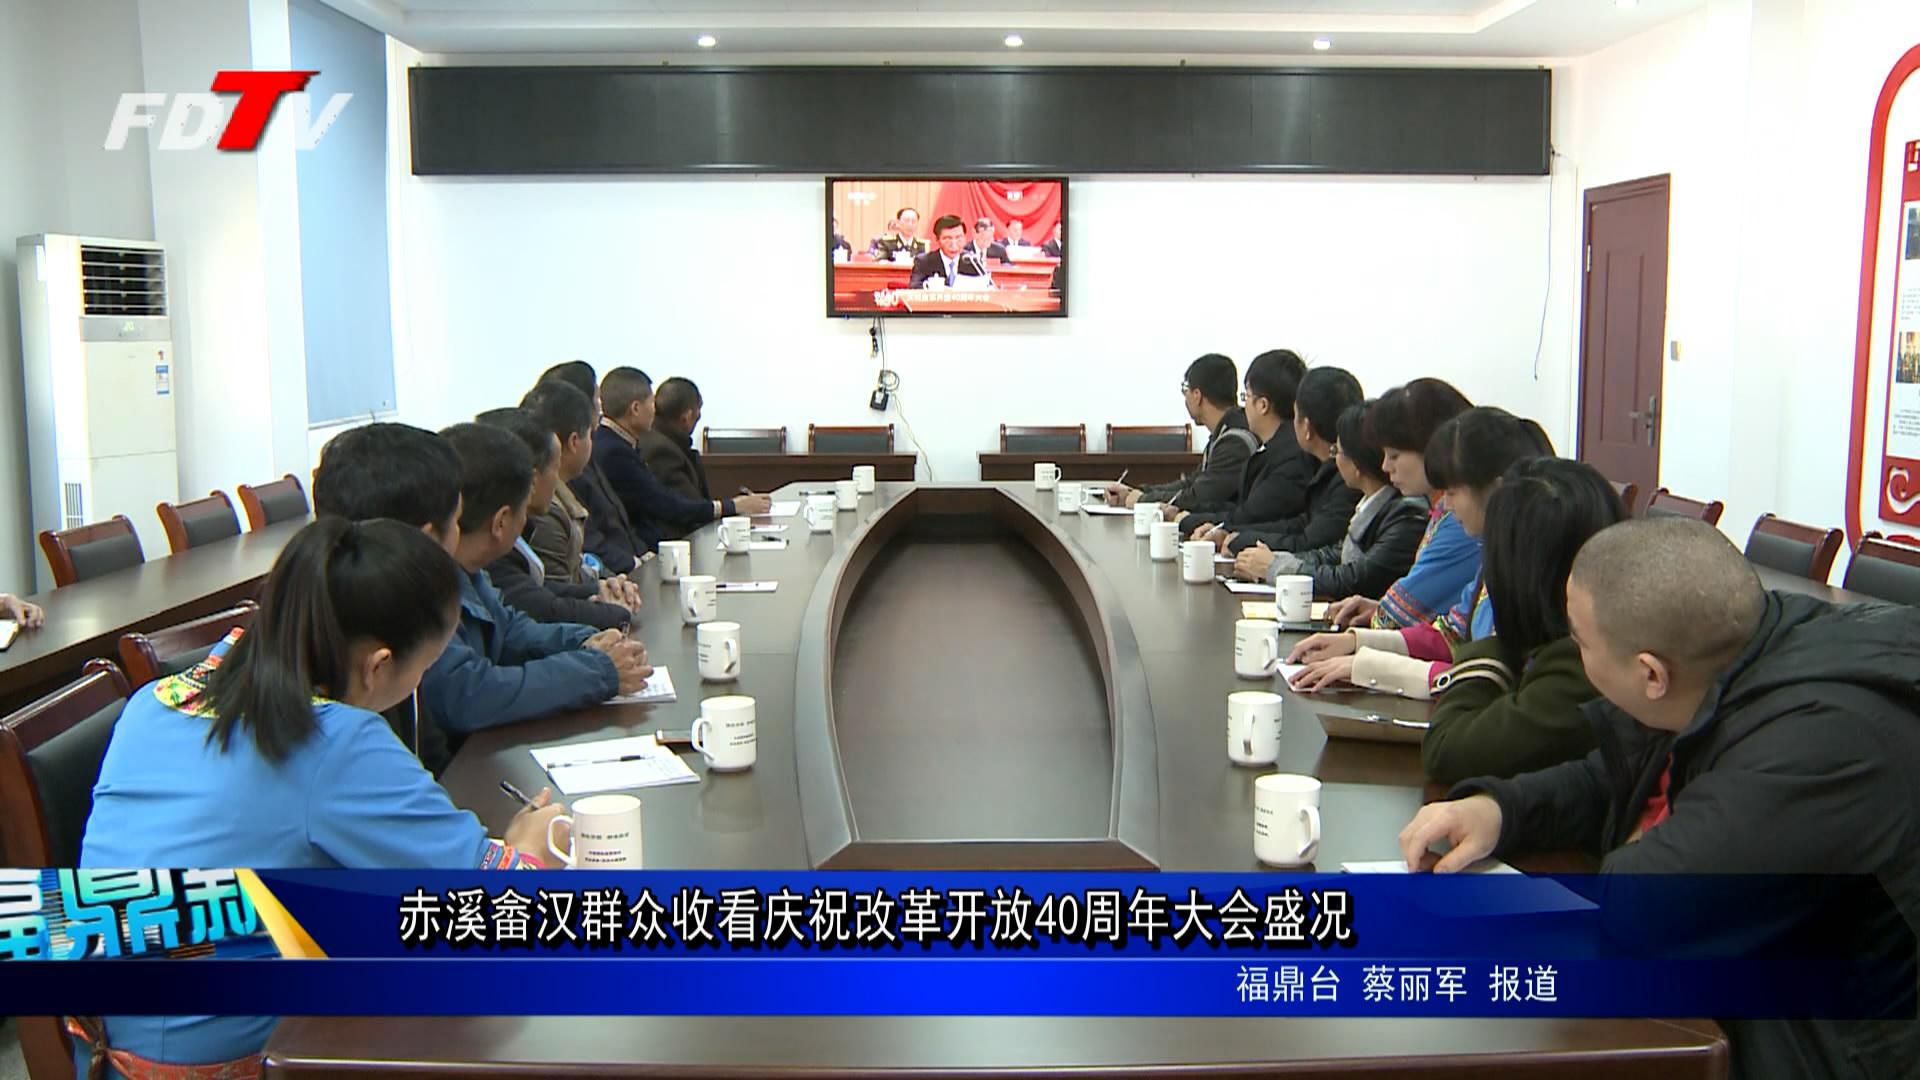 赤溪畲汉群众收看庆祝改革开放40周年大会盛况